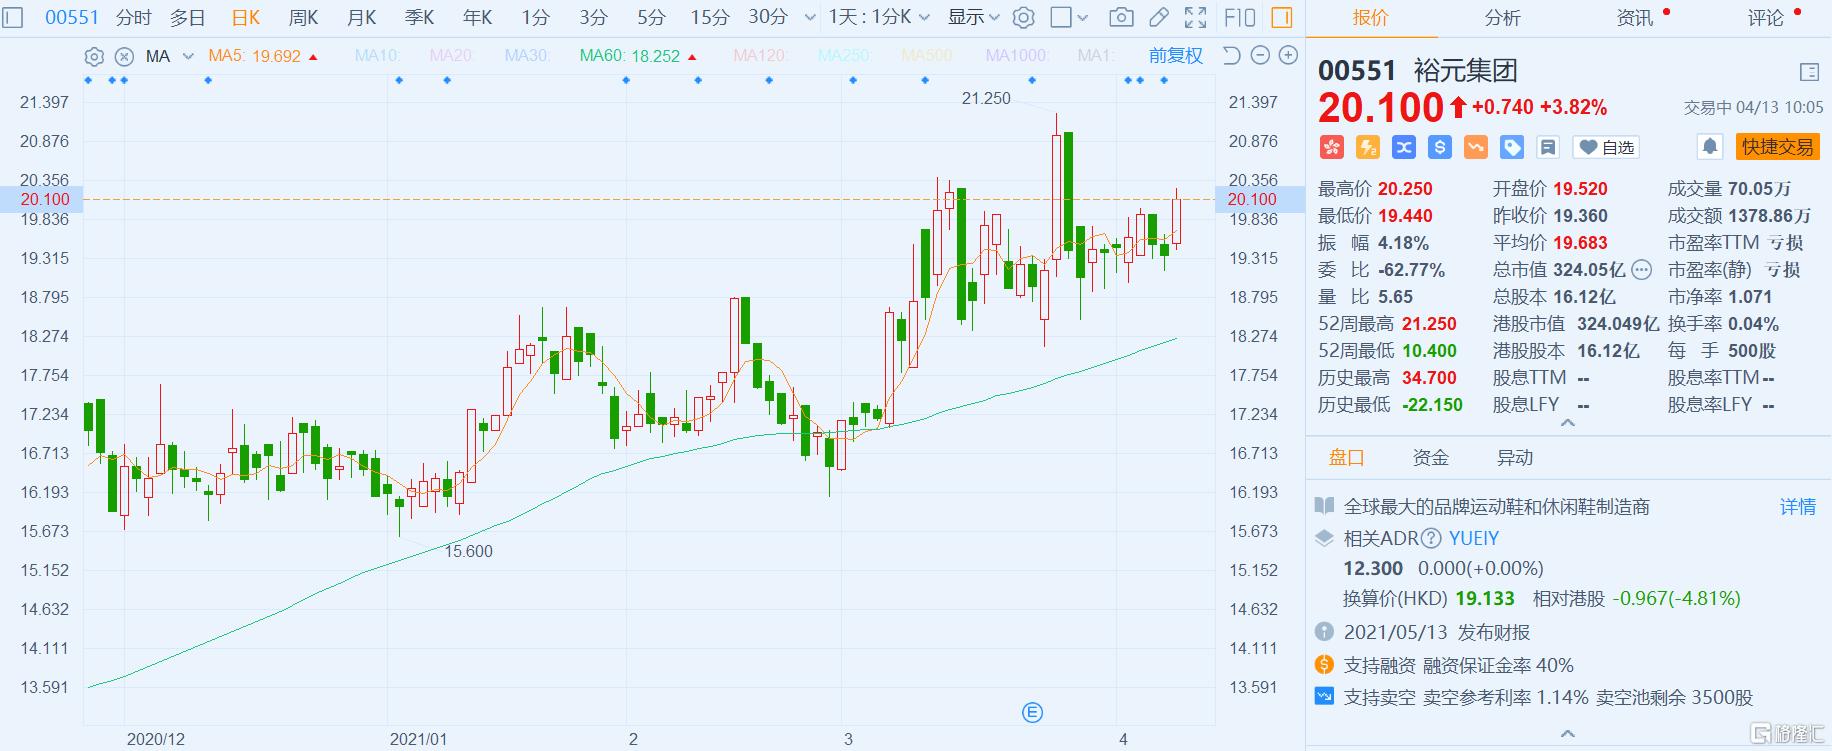 港股异动   裕元集团(0551.HK)涨约4% 首季综合累计经营收益净额增长26.6%